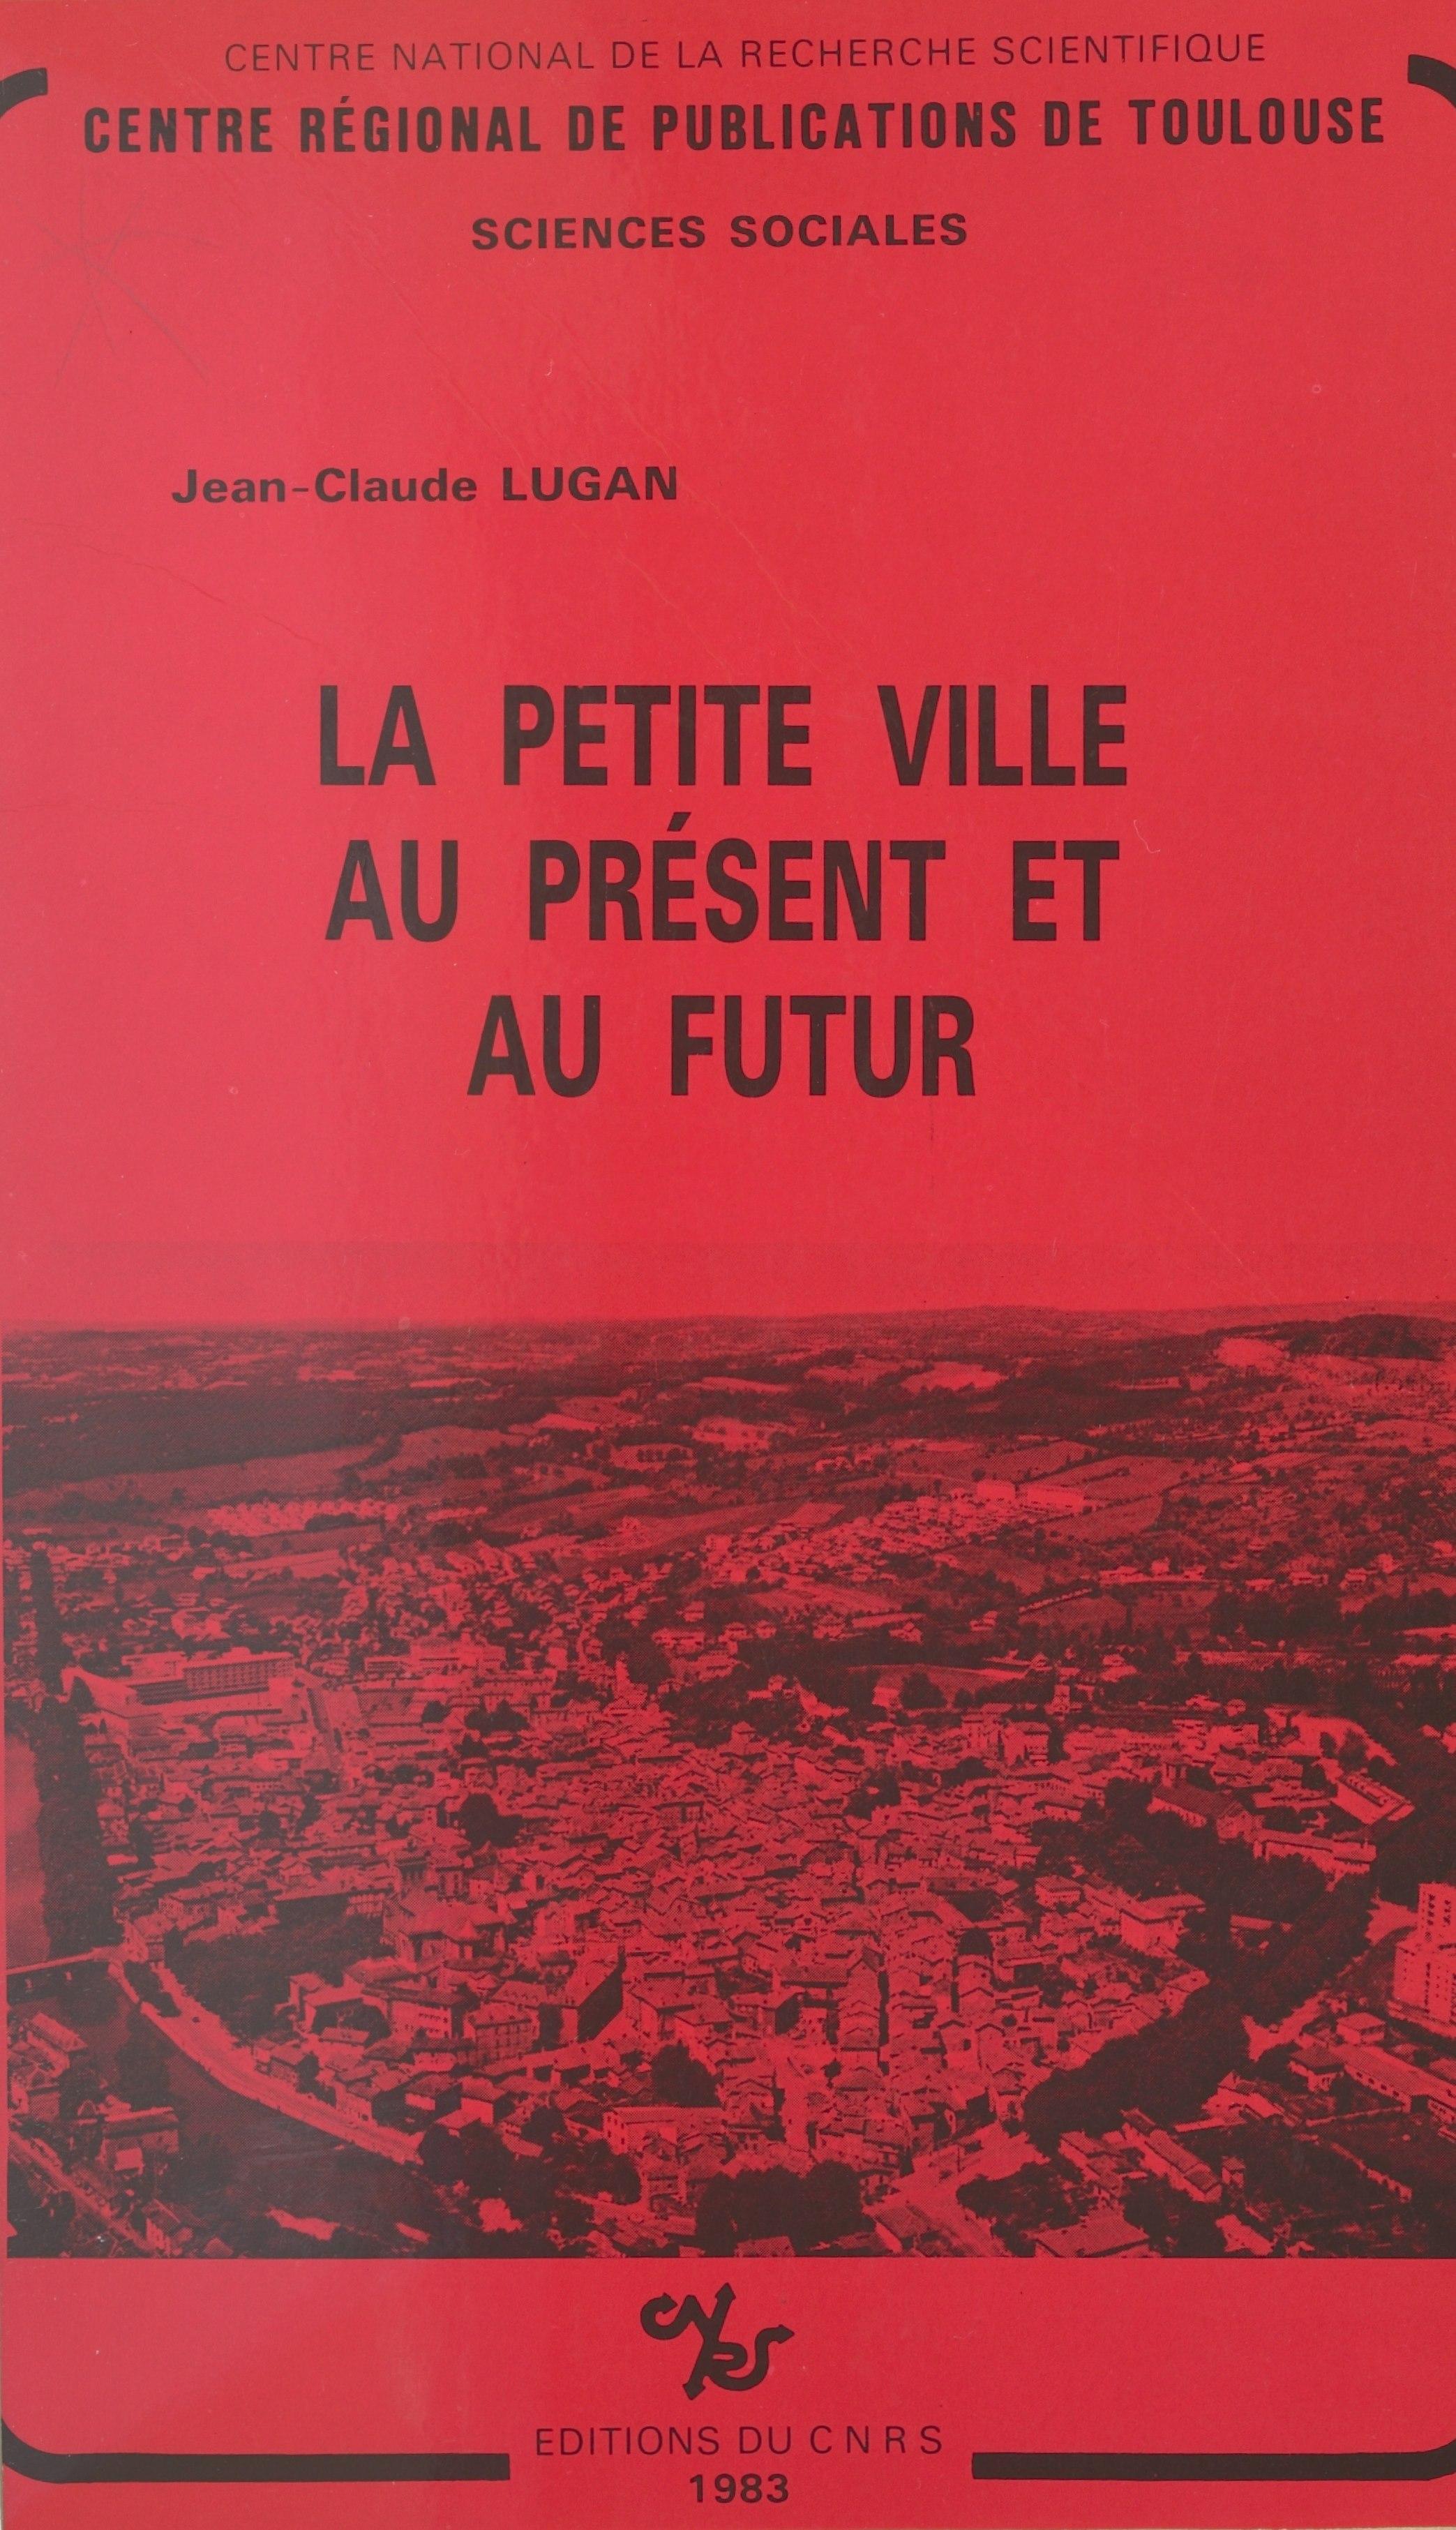 La petite ville au présent et au futur